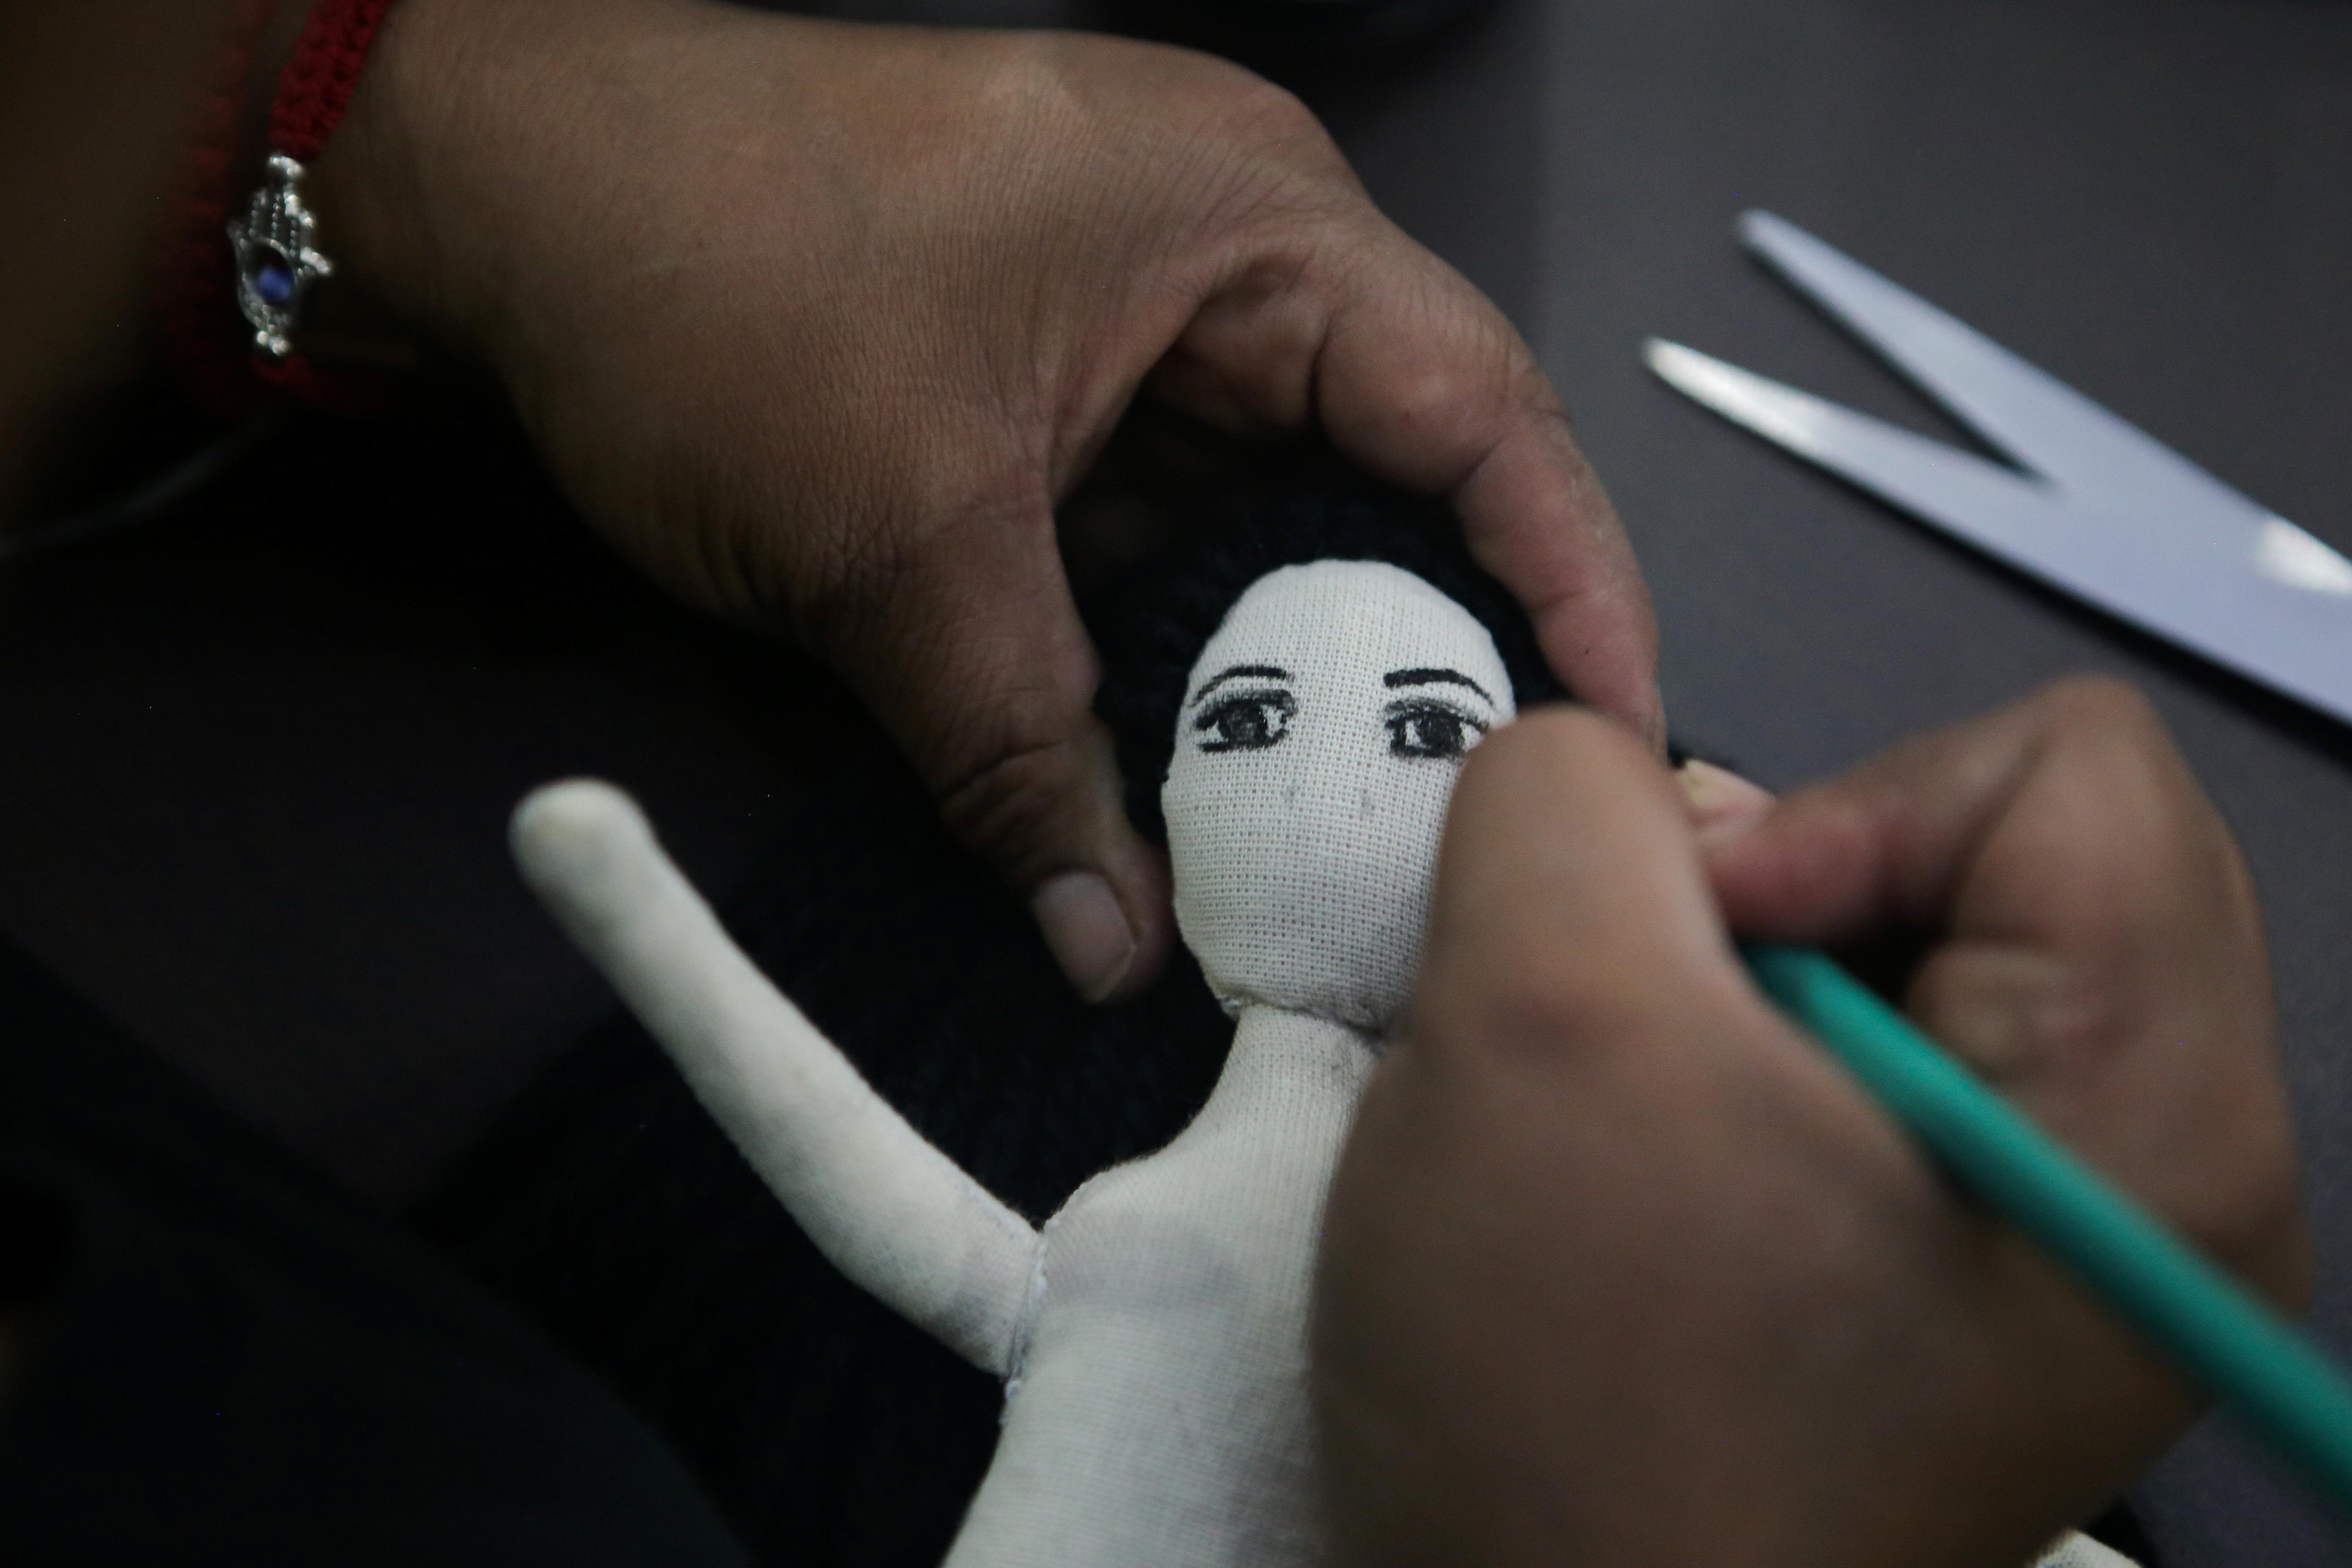 Erika Martínez, madre de una víctima de violencia de género y activista feminista, pinta el rostro de una muñeca de tela dentro de las instalaciones del edificio de la Comisión Nacional de Derechos Humanos, en apoyo a víctimas de violencia de género, en la Ciudad de México, México 10 de septiembre de 2020. Foto tomada el 10 de septiembre de 2020.